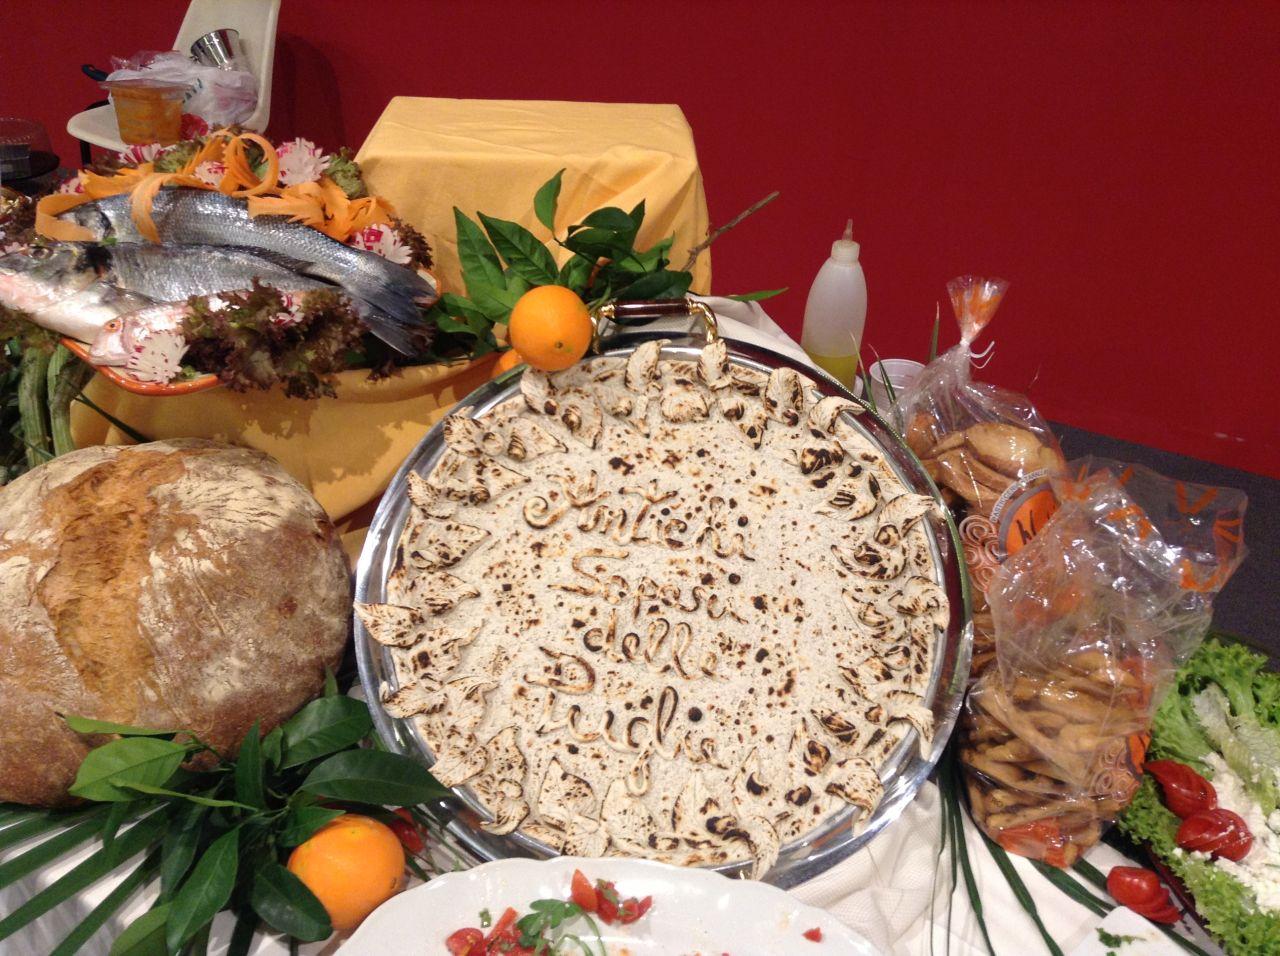 Rete antichi sapori consumo di qualit corsi di cucina e promozione del made in italy alla - Corsi cucina regione piemonte ...